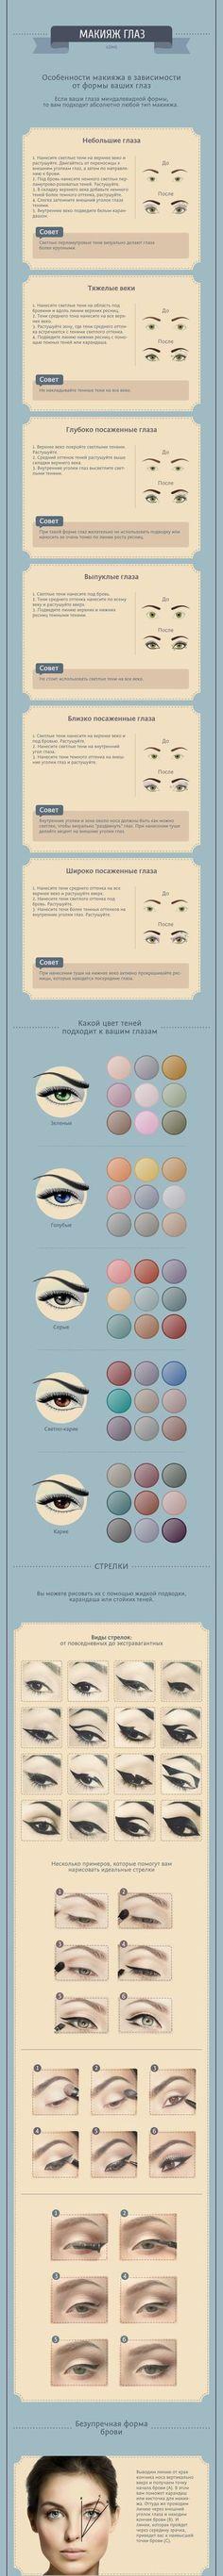 В этой статье вы найдете все секреты макияжа, которые помогут вам быть самой неотразимой и очаровательной! Источник